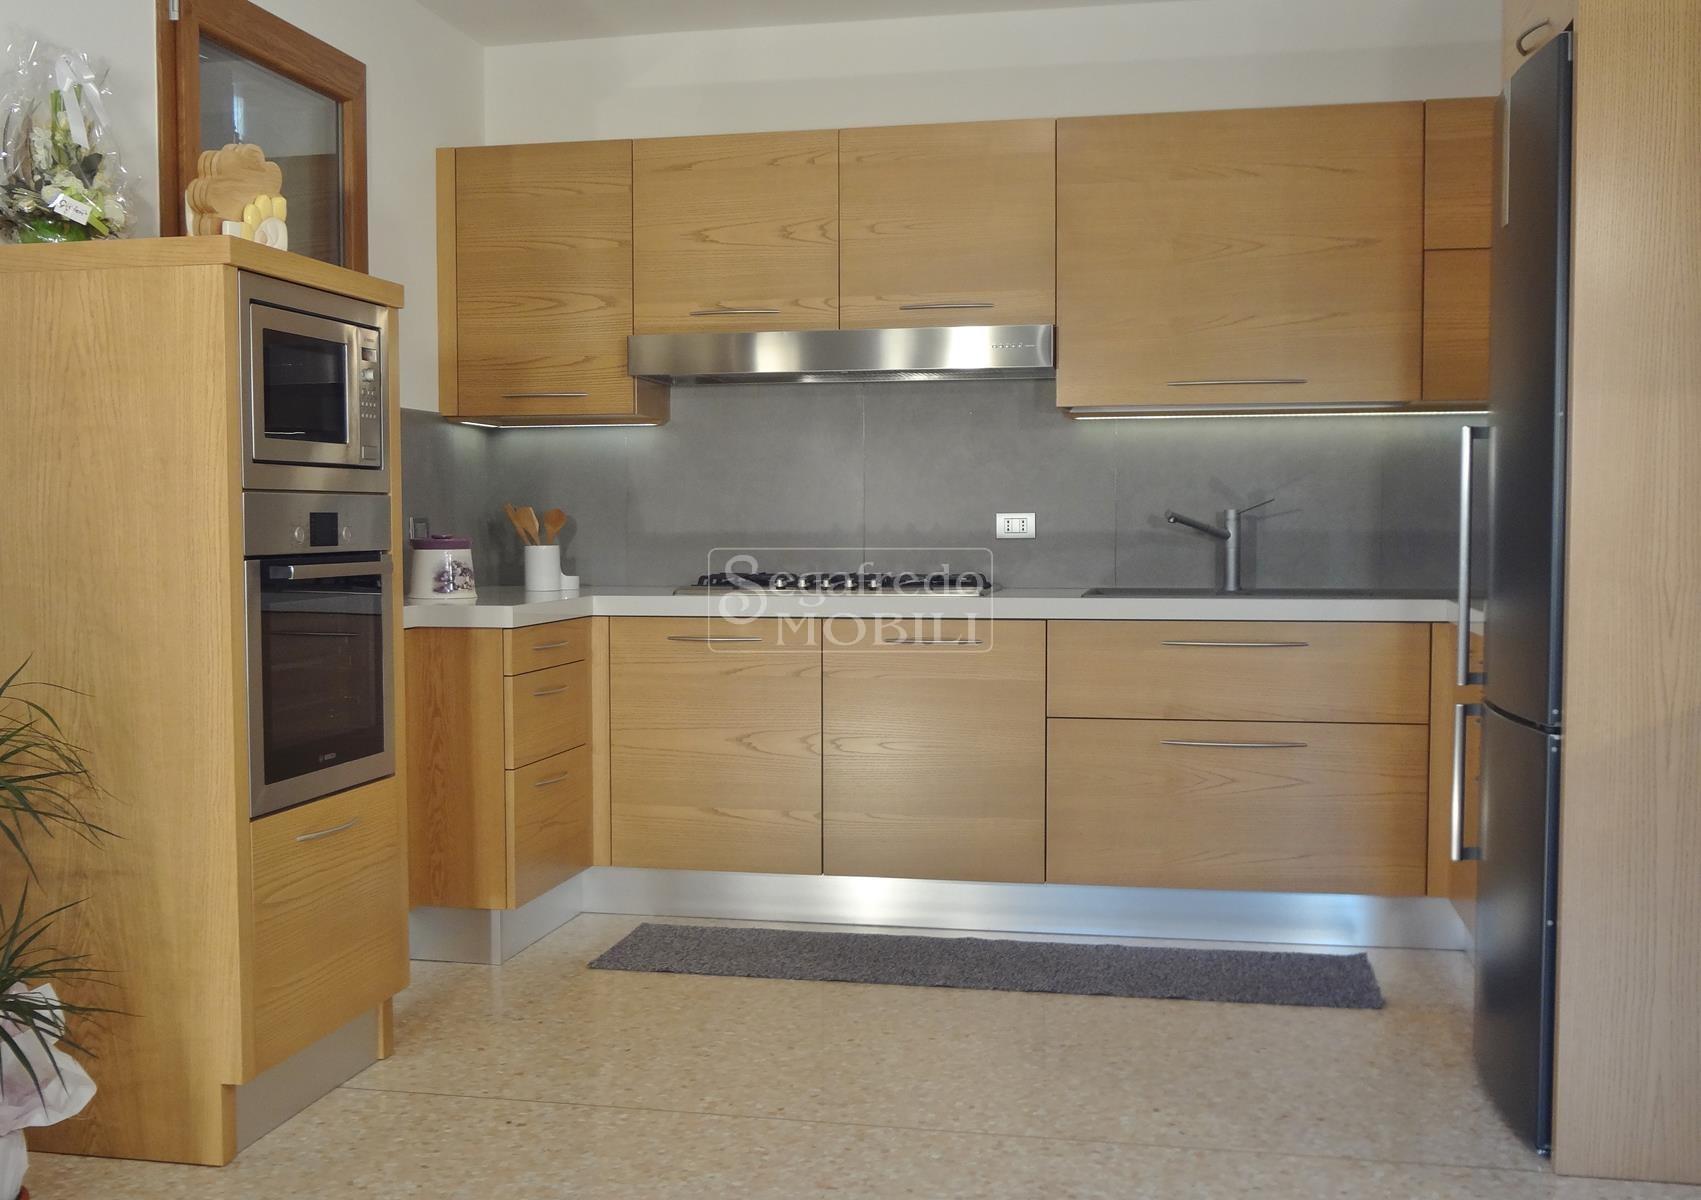 Cucina in Frassino tinto - Mobilificio Segafredo Mobili ...